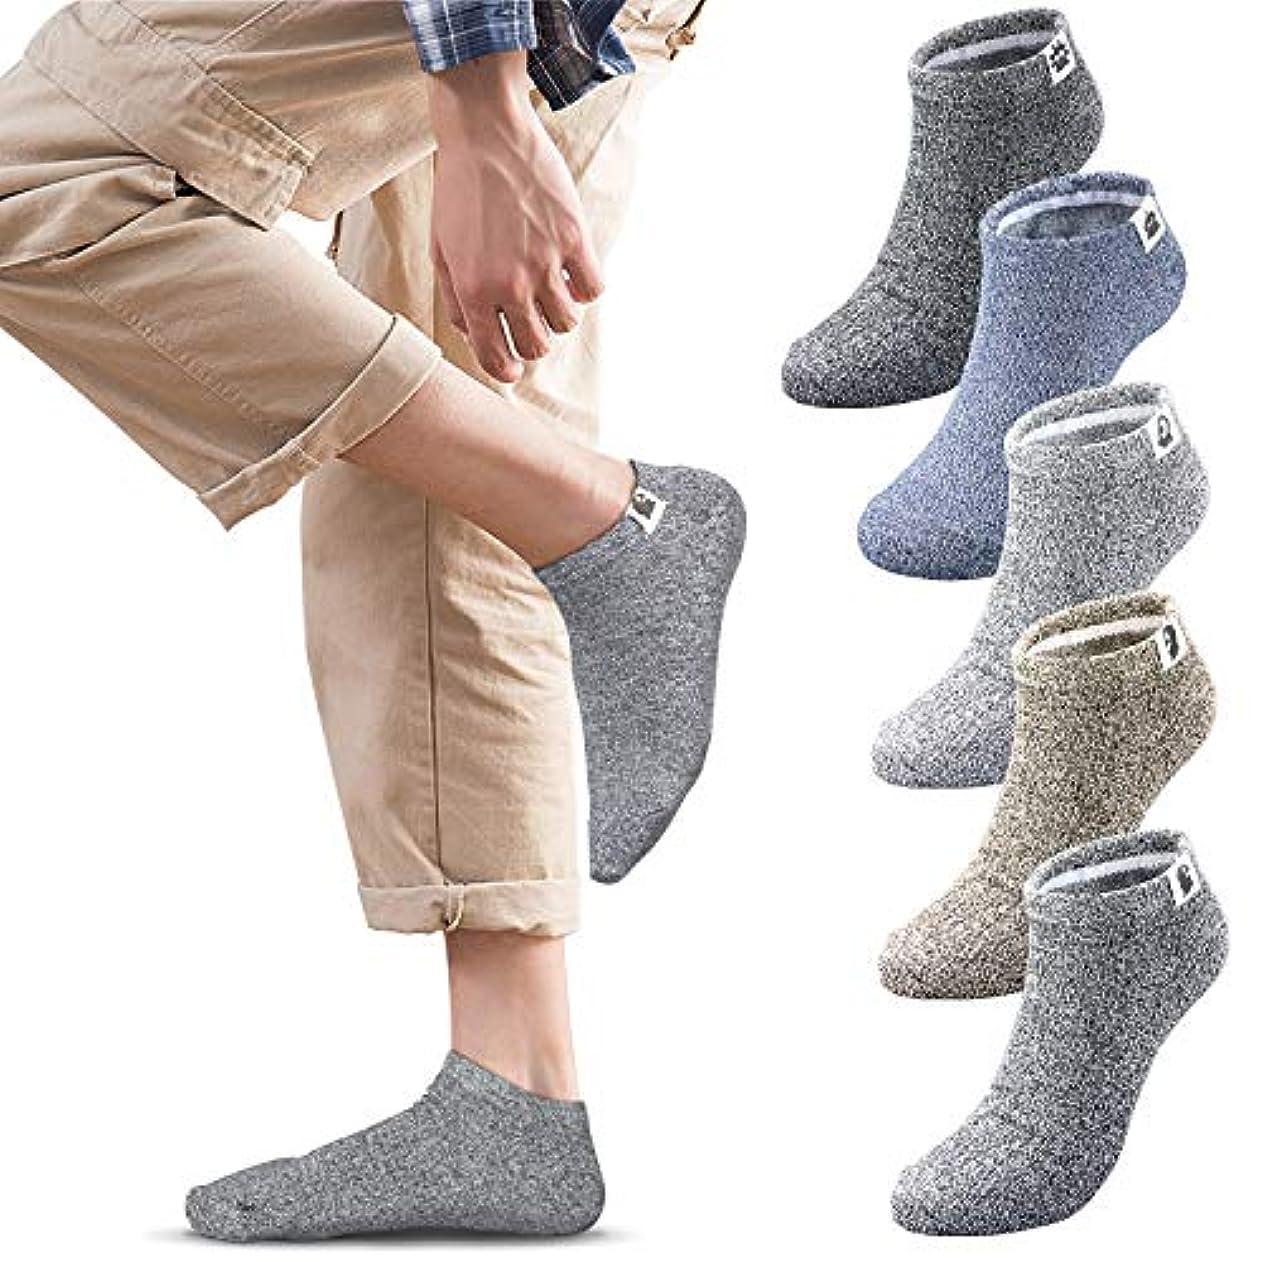 大型トラック通常救出メンズソックス 靴下 メンズ くるぶしソックス くるぶし靴下 ショートソックス スニーカーソックス スポーツ用抗菌防臭 通気性抜群 5足組 24-28cm